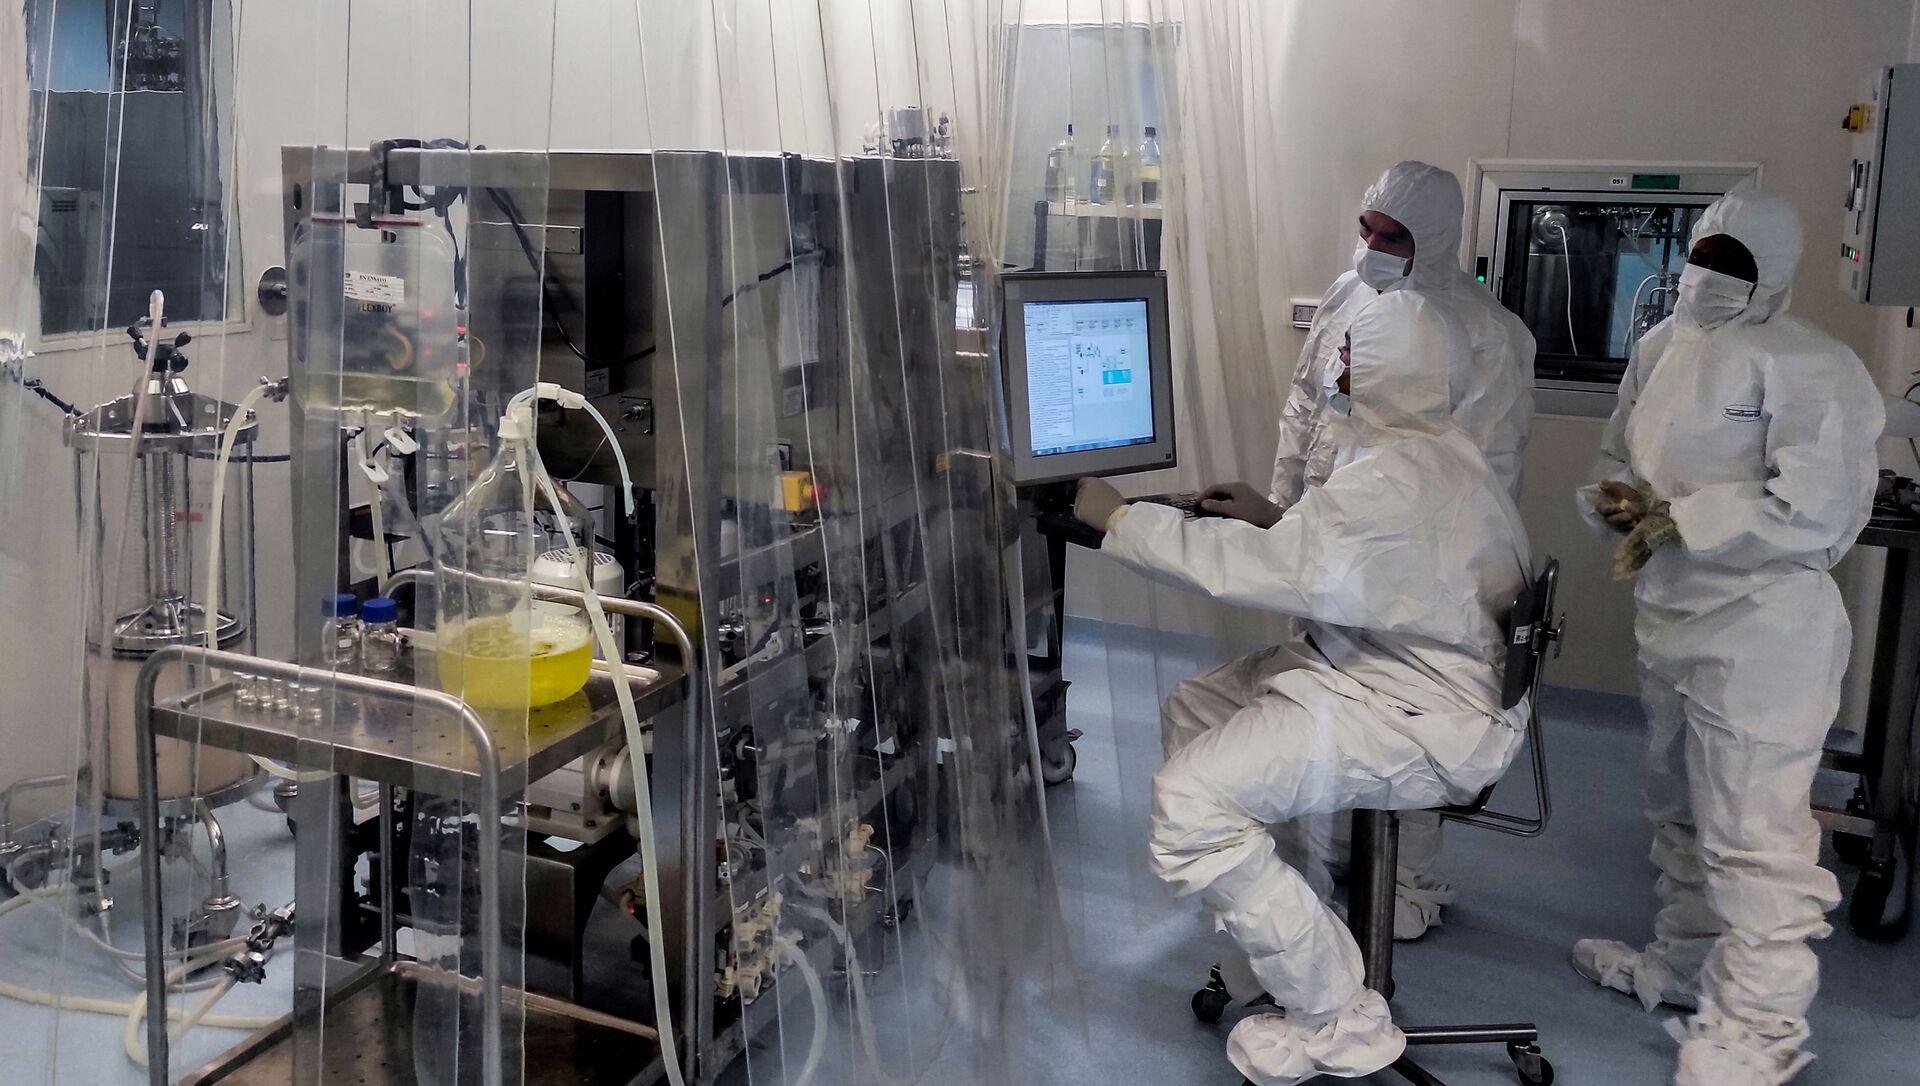 Лаборанты работают на заводе по производству антигена, составляющего кандидатную вакцину Абдала для борьбы с Covid-19 - Sputnik Аҧсны, 1920, 26.02.2021